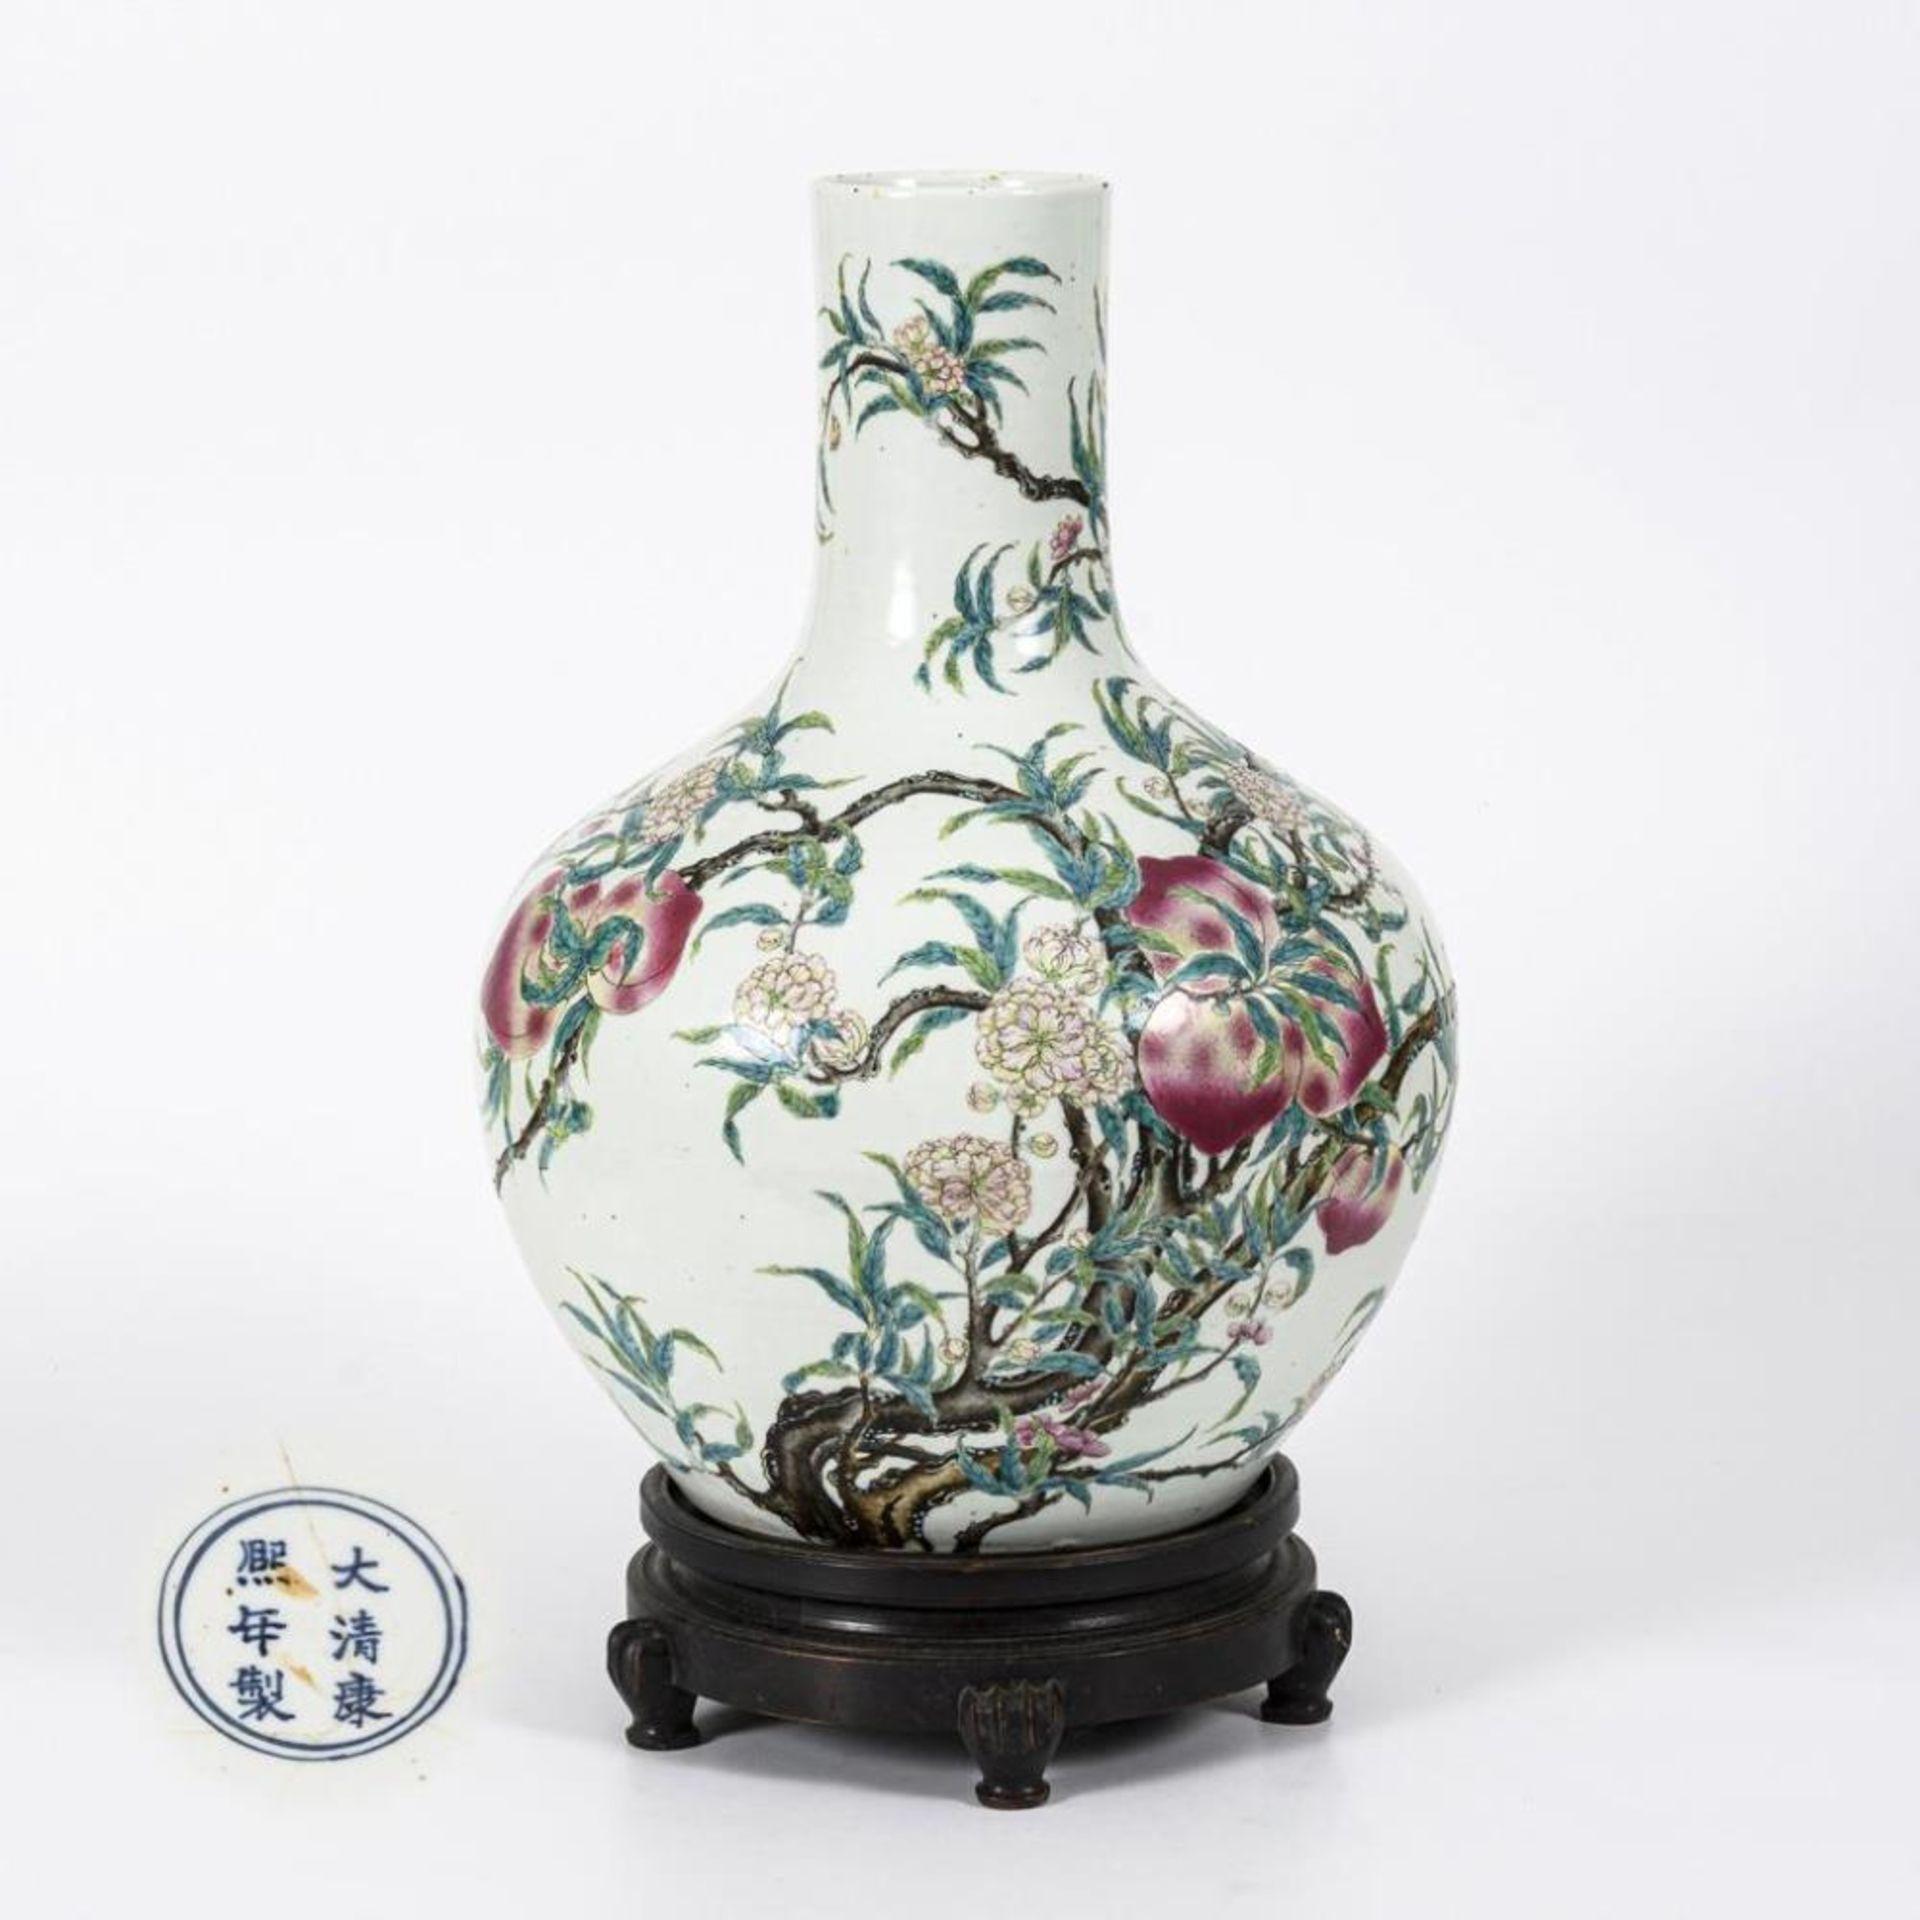 Große, museale Vase mit Pfirsichen und Pfirsichblüten